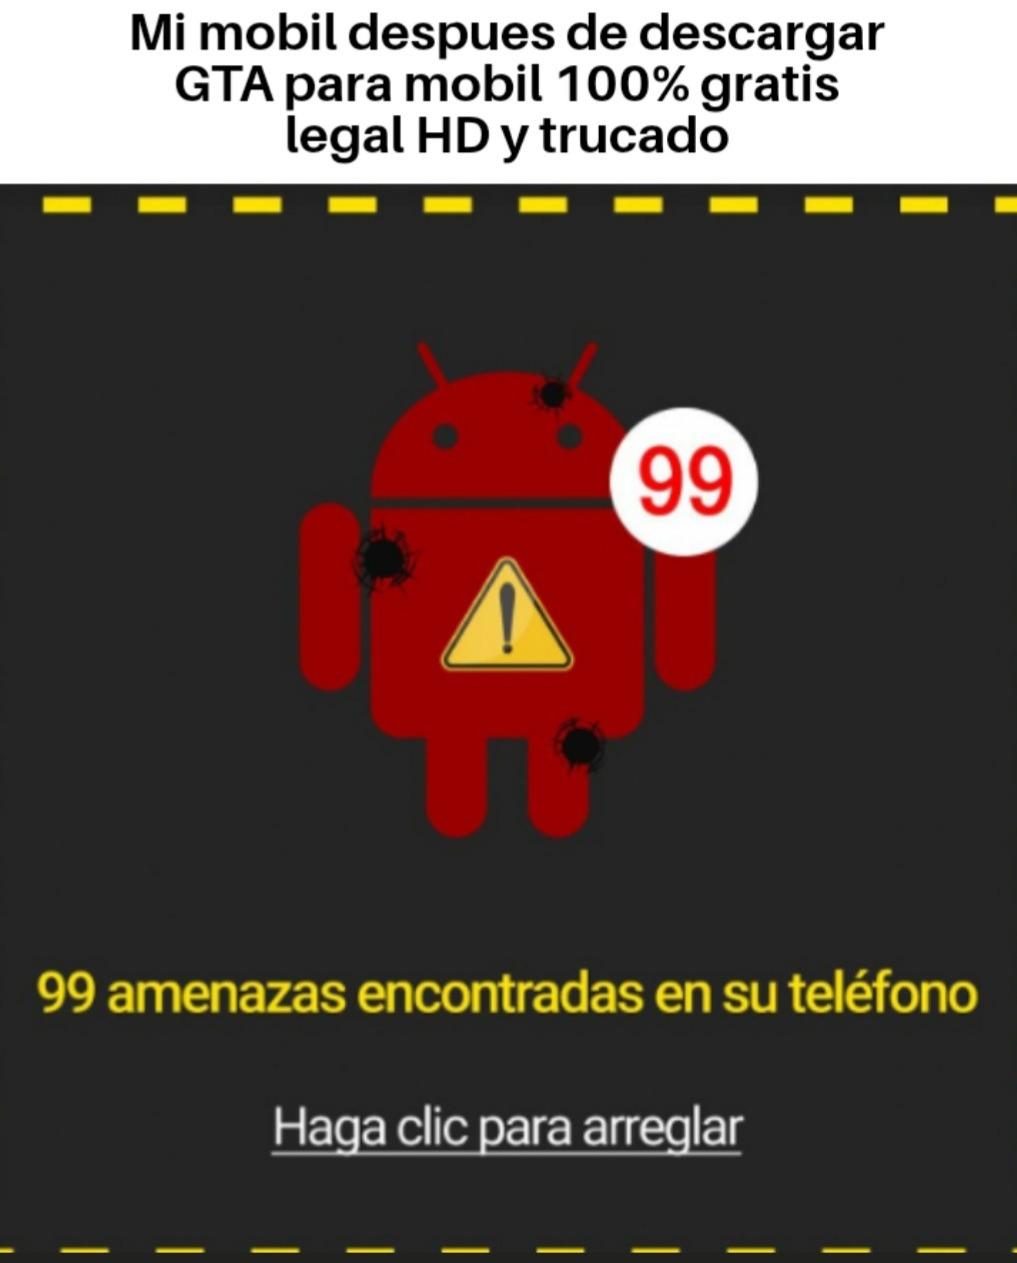 99 amenazas encontradas en su teléfono - meme